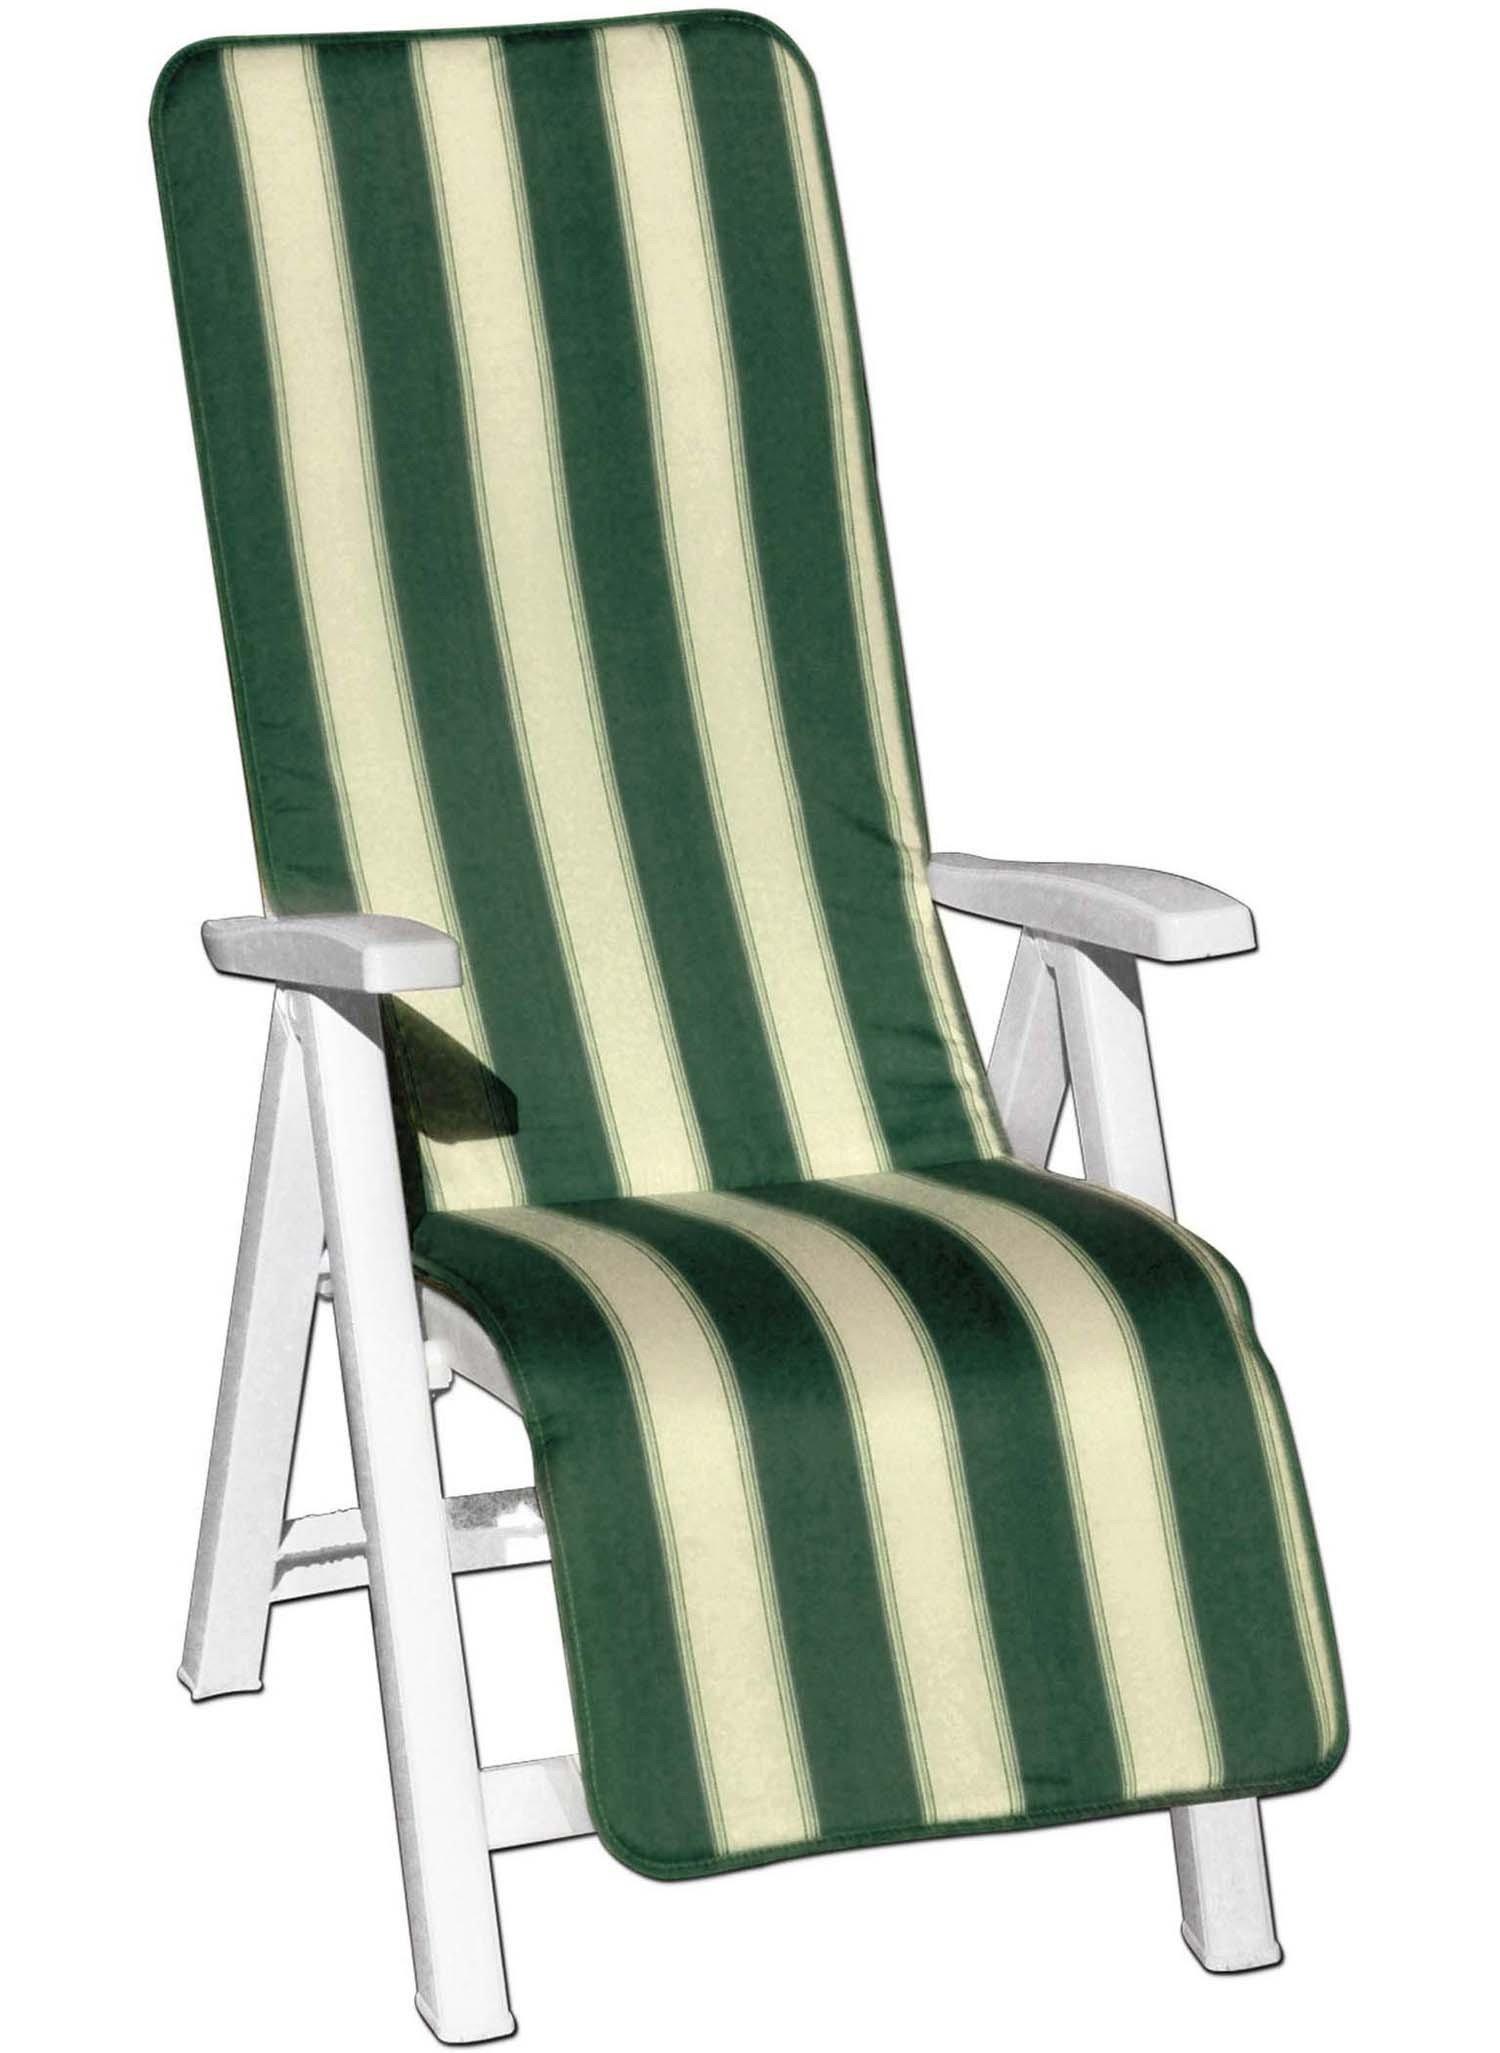 Polster für Liegestuhl grün - 1 - Ronja.ch